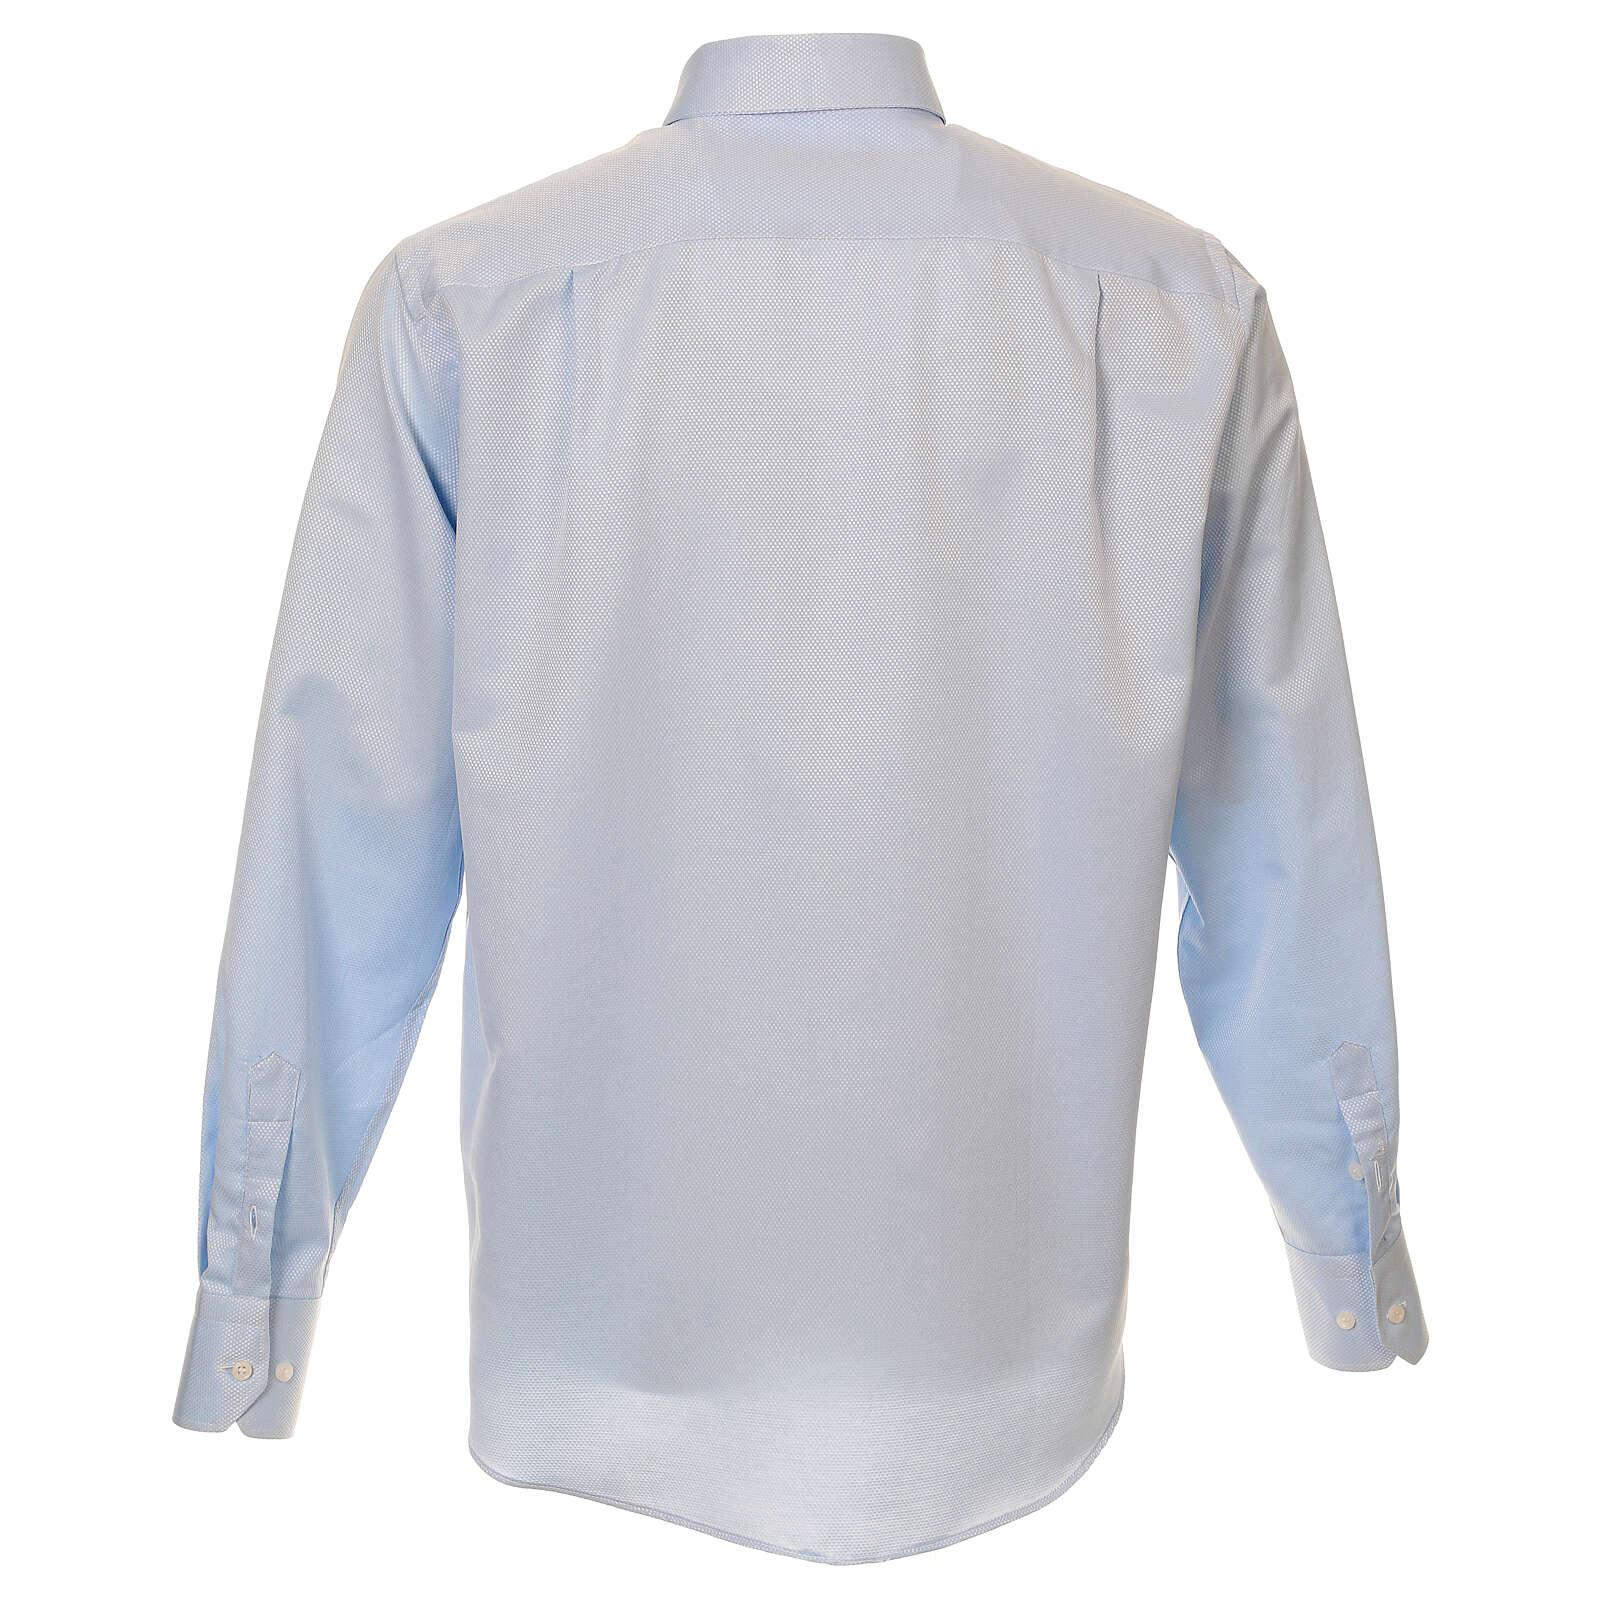 Camisa clergyman seda celeste nido de abeja M. Larga 4